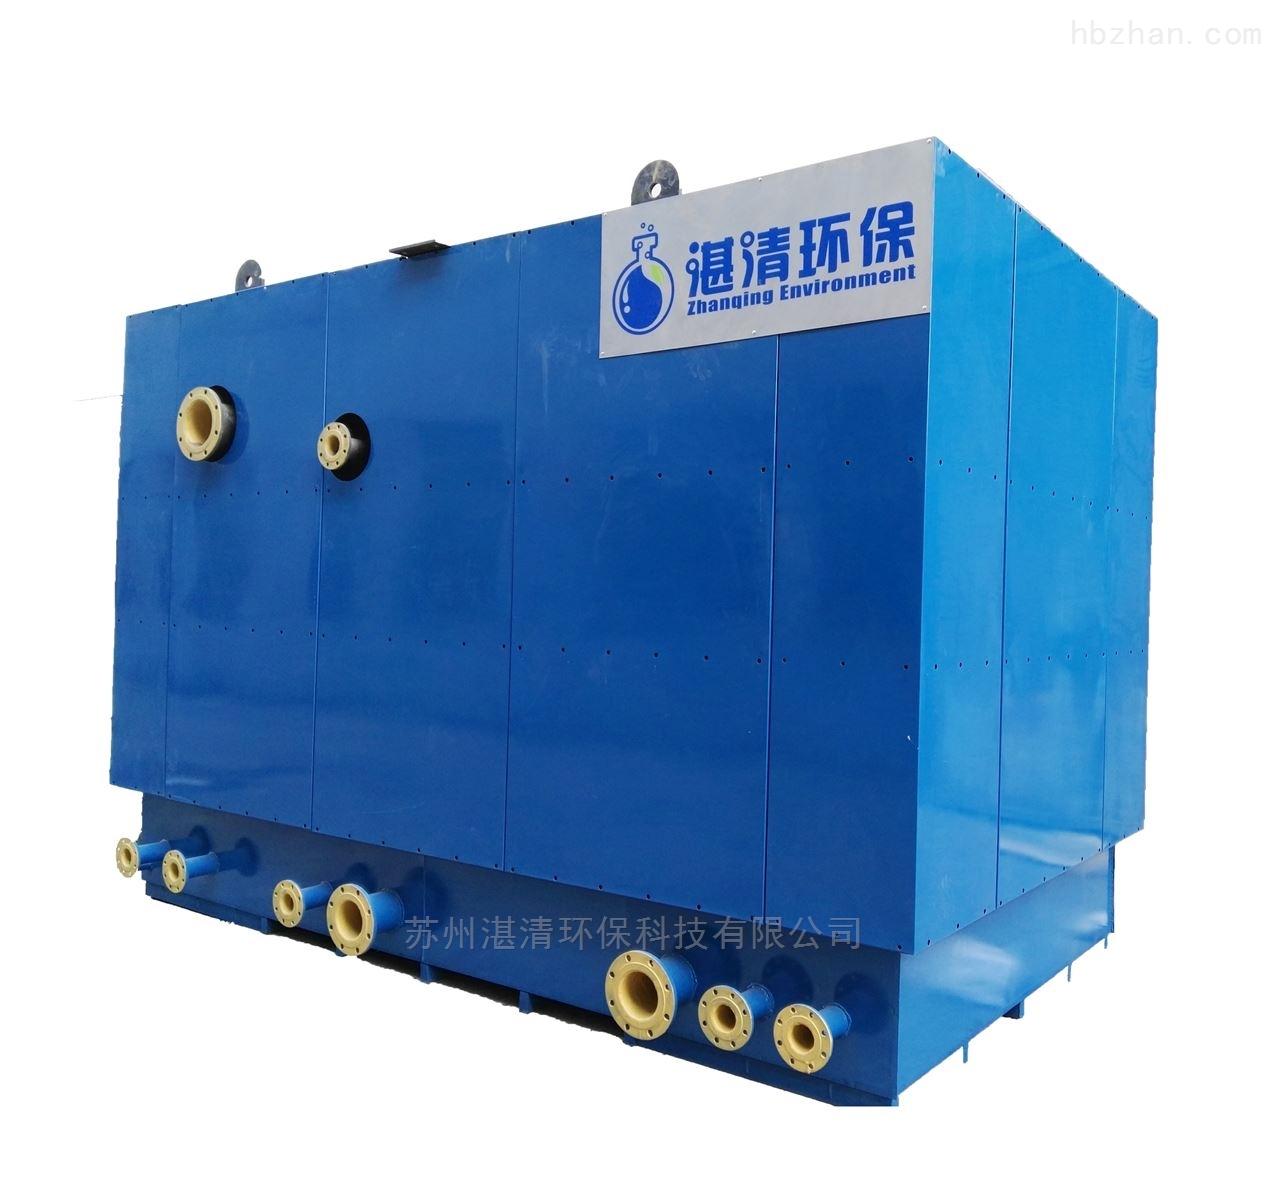 總氮處理設備循環冷卻排汙水處理總氮的方法